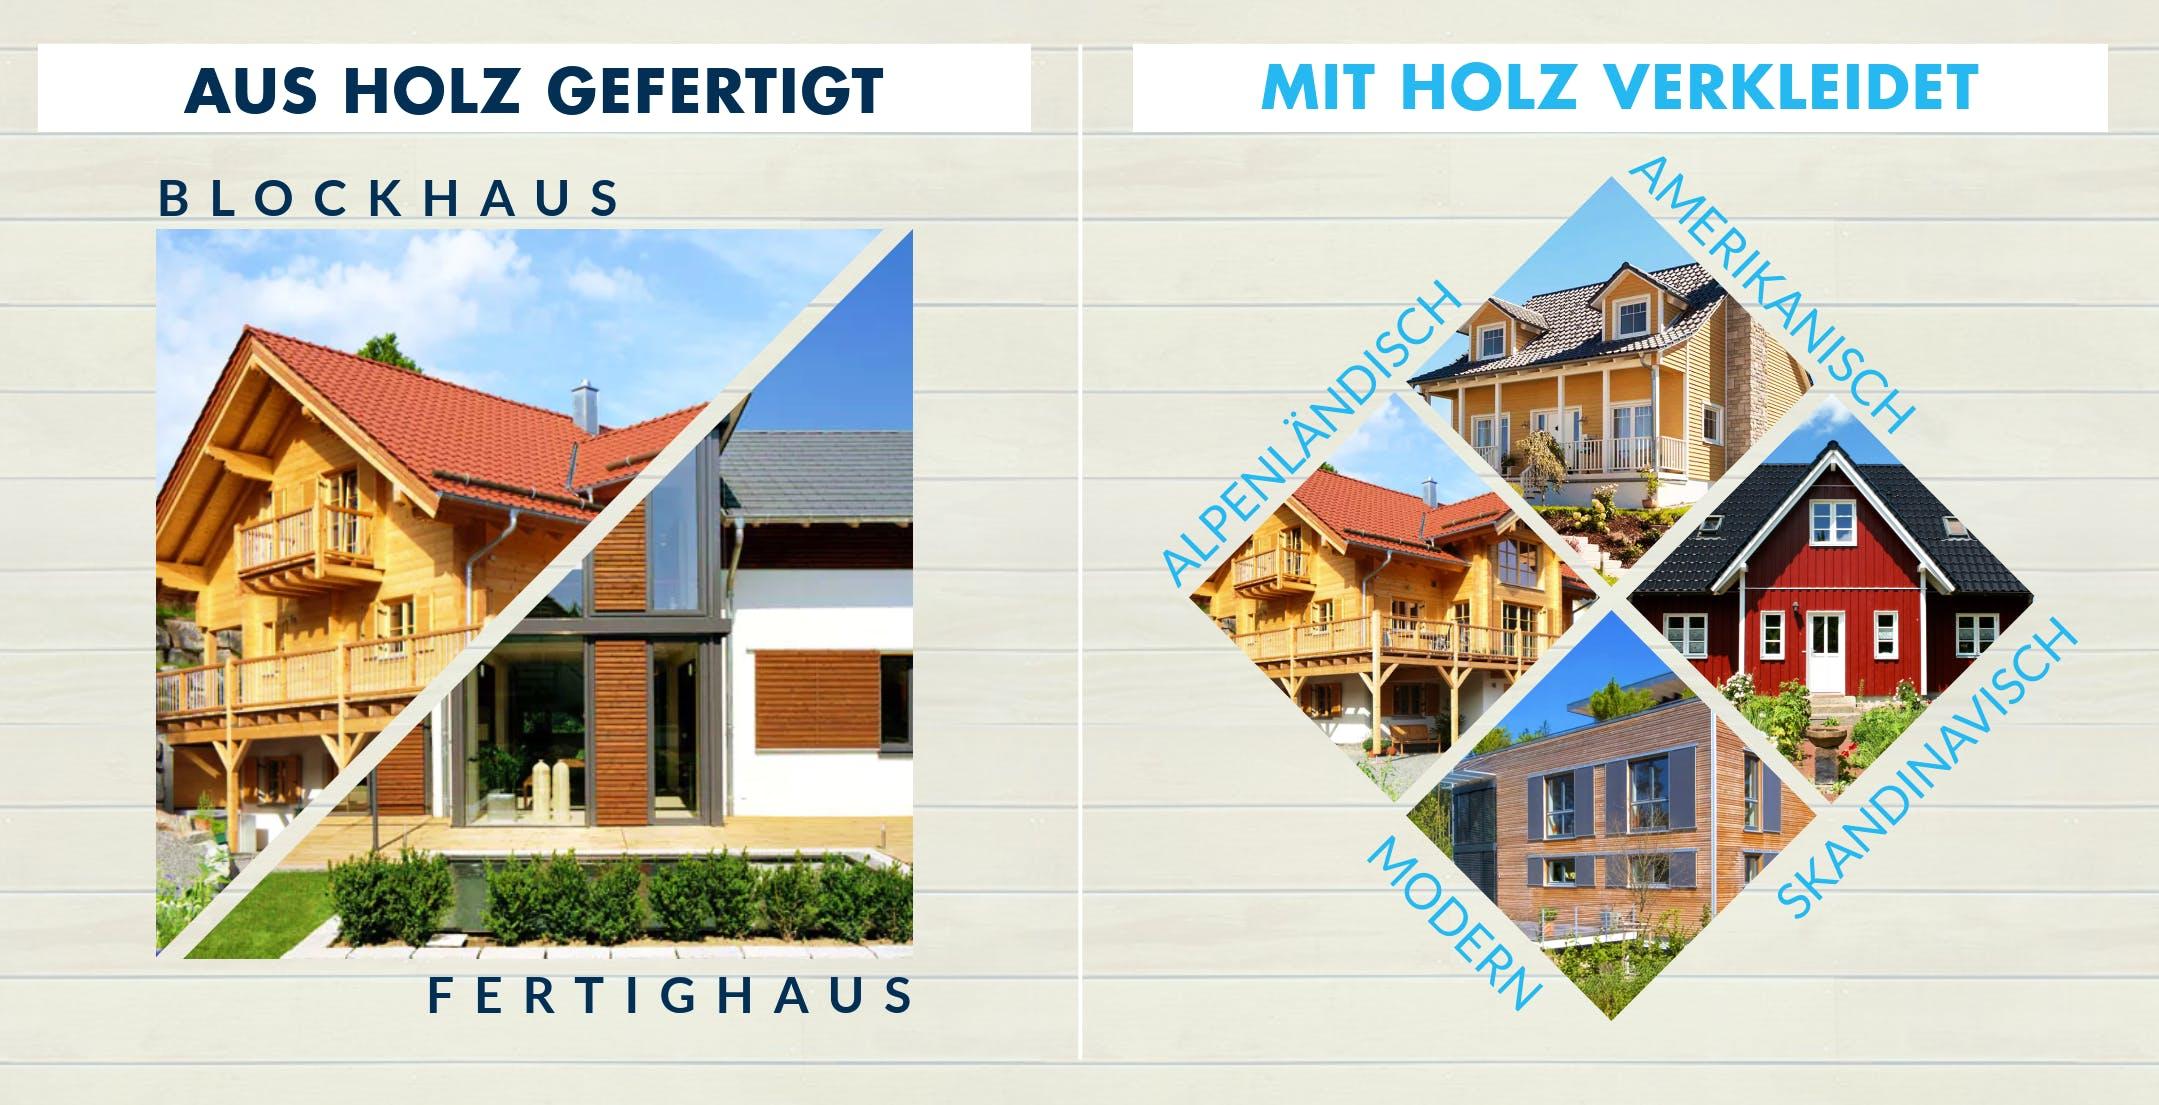 Übersicht von Hausstilen und Bauweisen von Holzhäusern erklärt